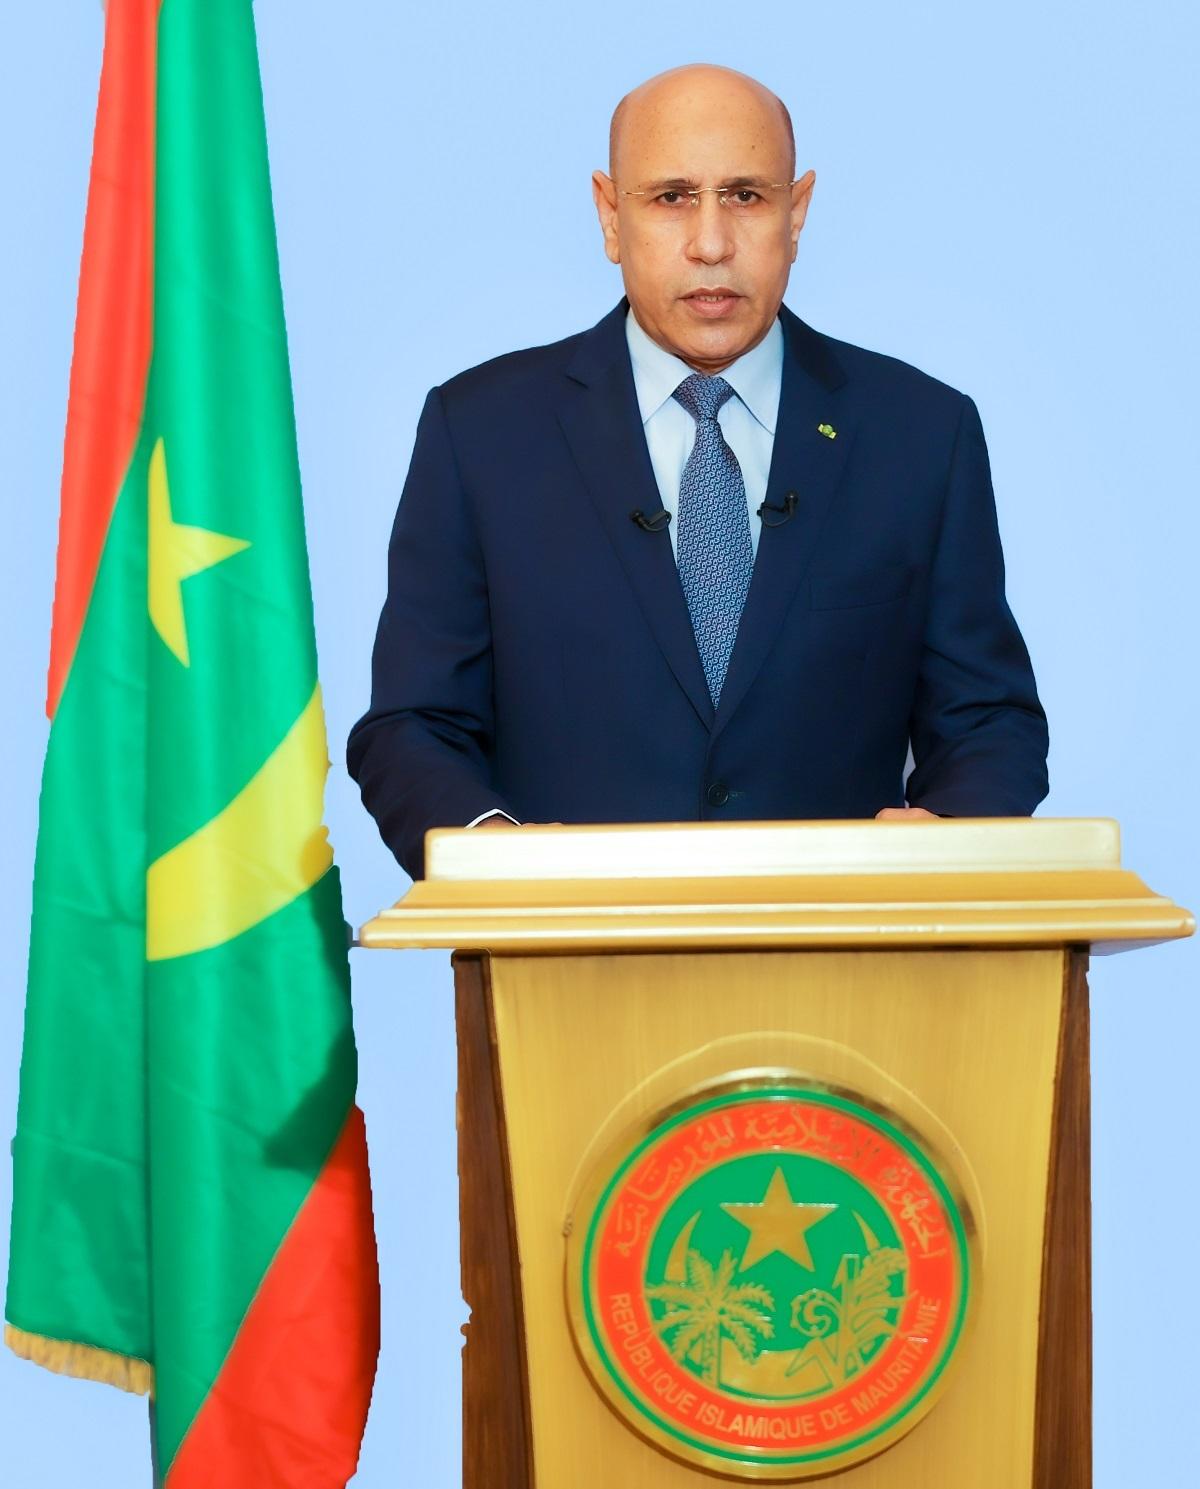 الرئيس محمد ولد الغزواني خلال خطابه الليلة بمناسبة الذكرى 60 للاستقلال (وما)